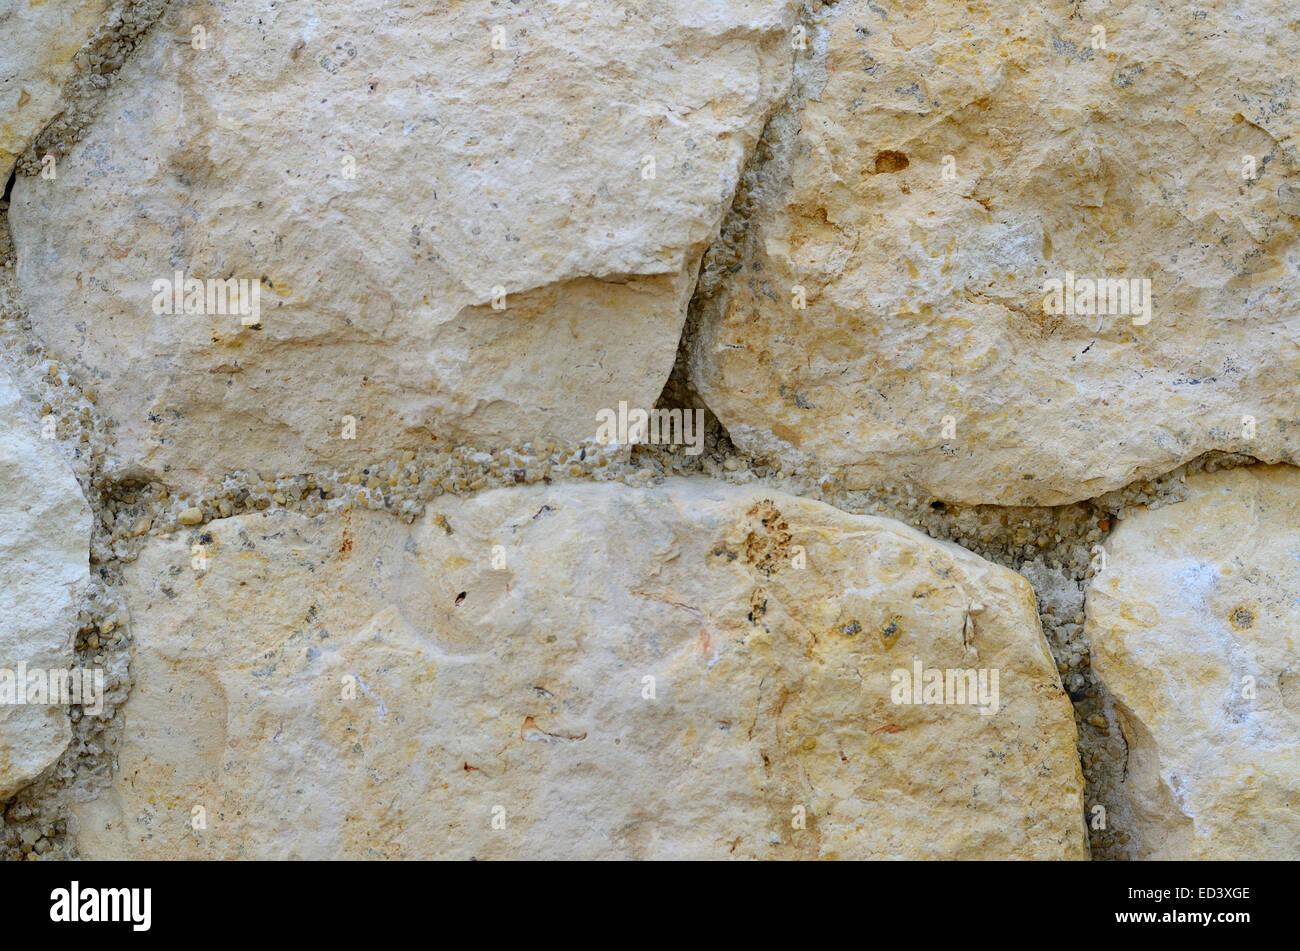 Mur de pierre seamless Vector illustration - fond texture pattern pour reproduire en continu Photo Stock